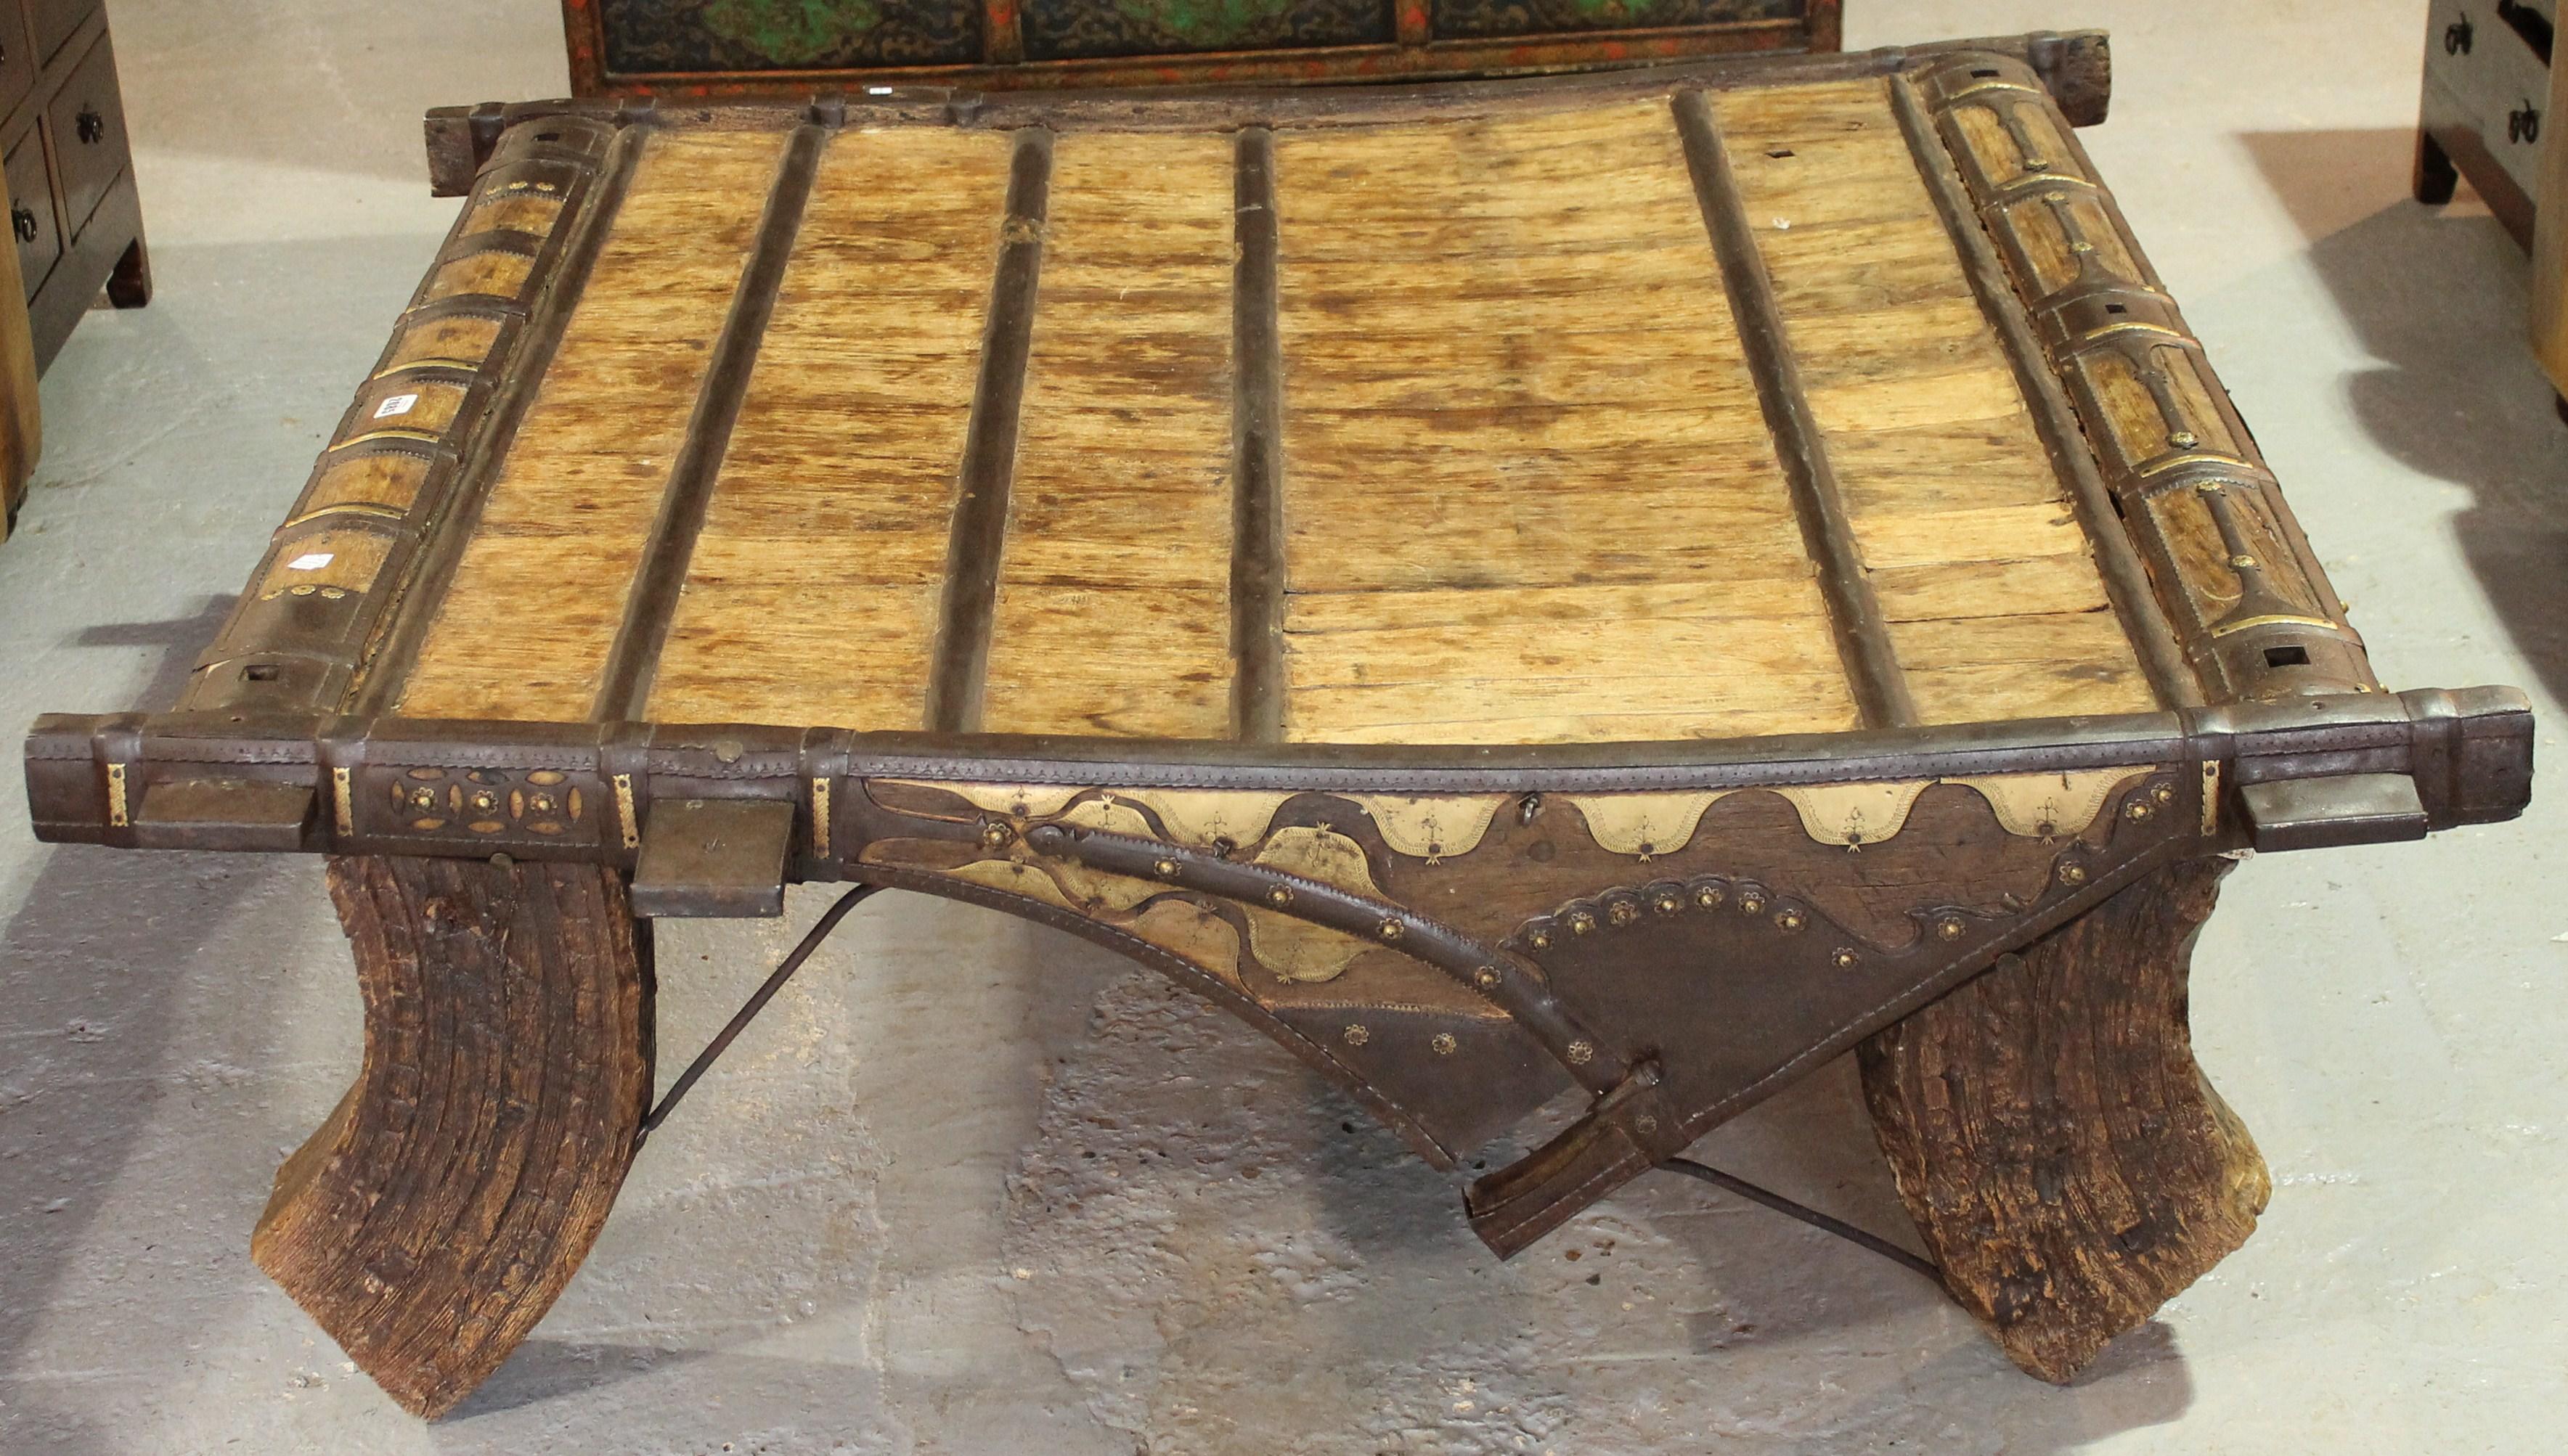 A 19th century iron bound hardwood coffee table elephant saddle